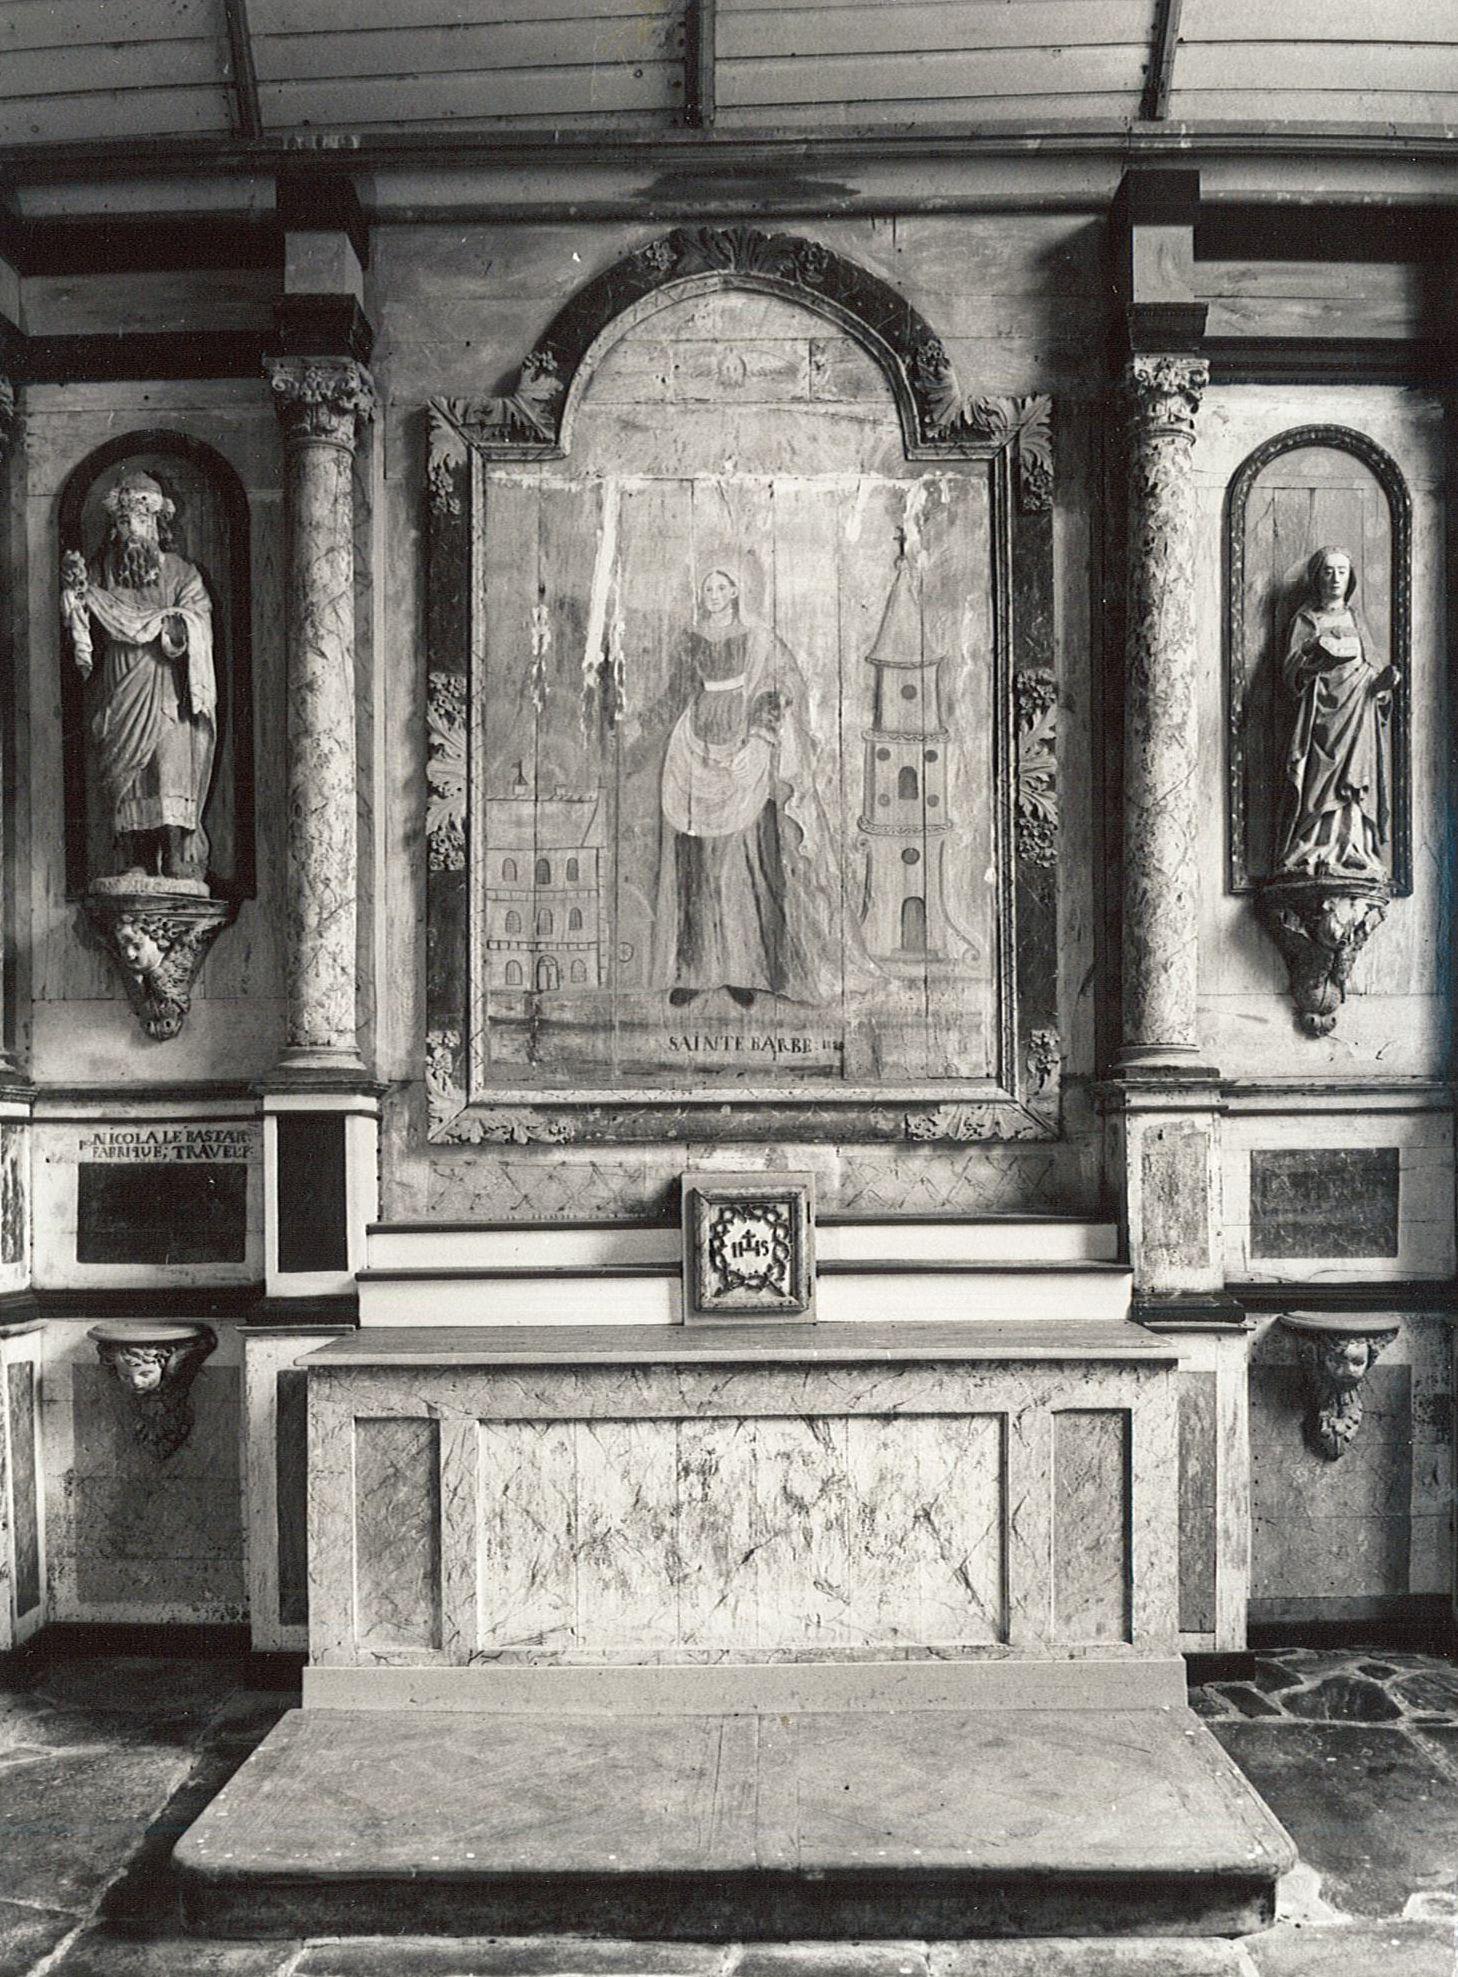 Autel latéral sud, son retable dit de Sainte-Barbe et tableau : Sainte Barbe